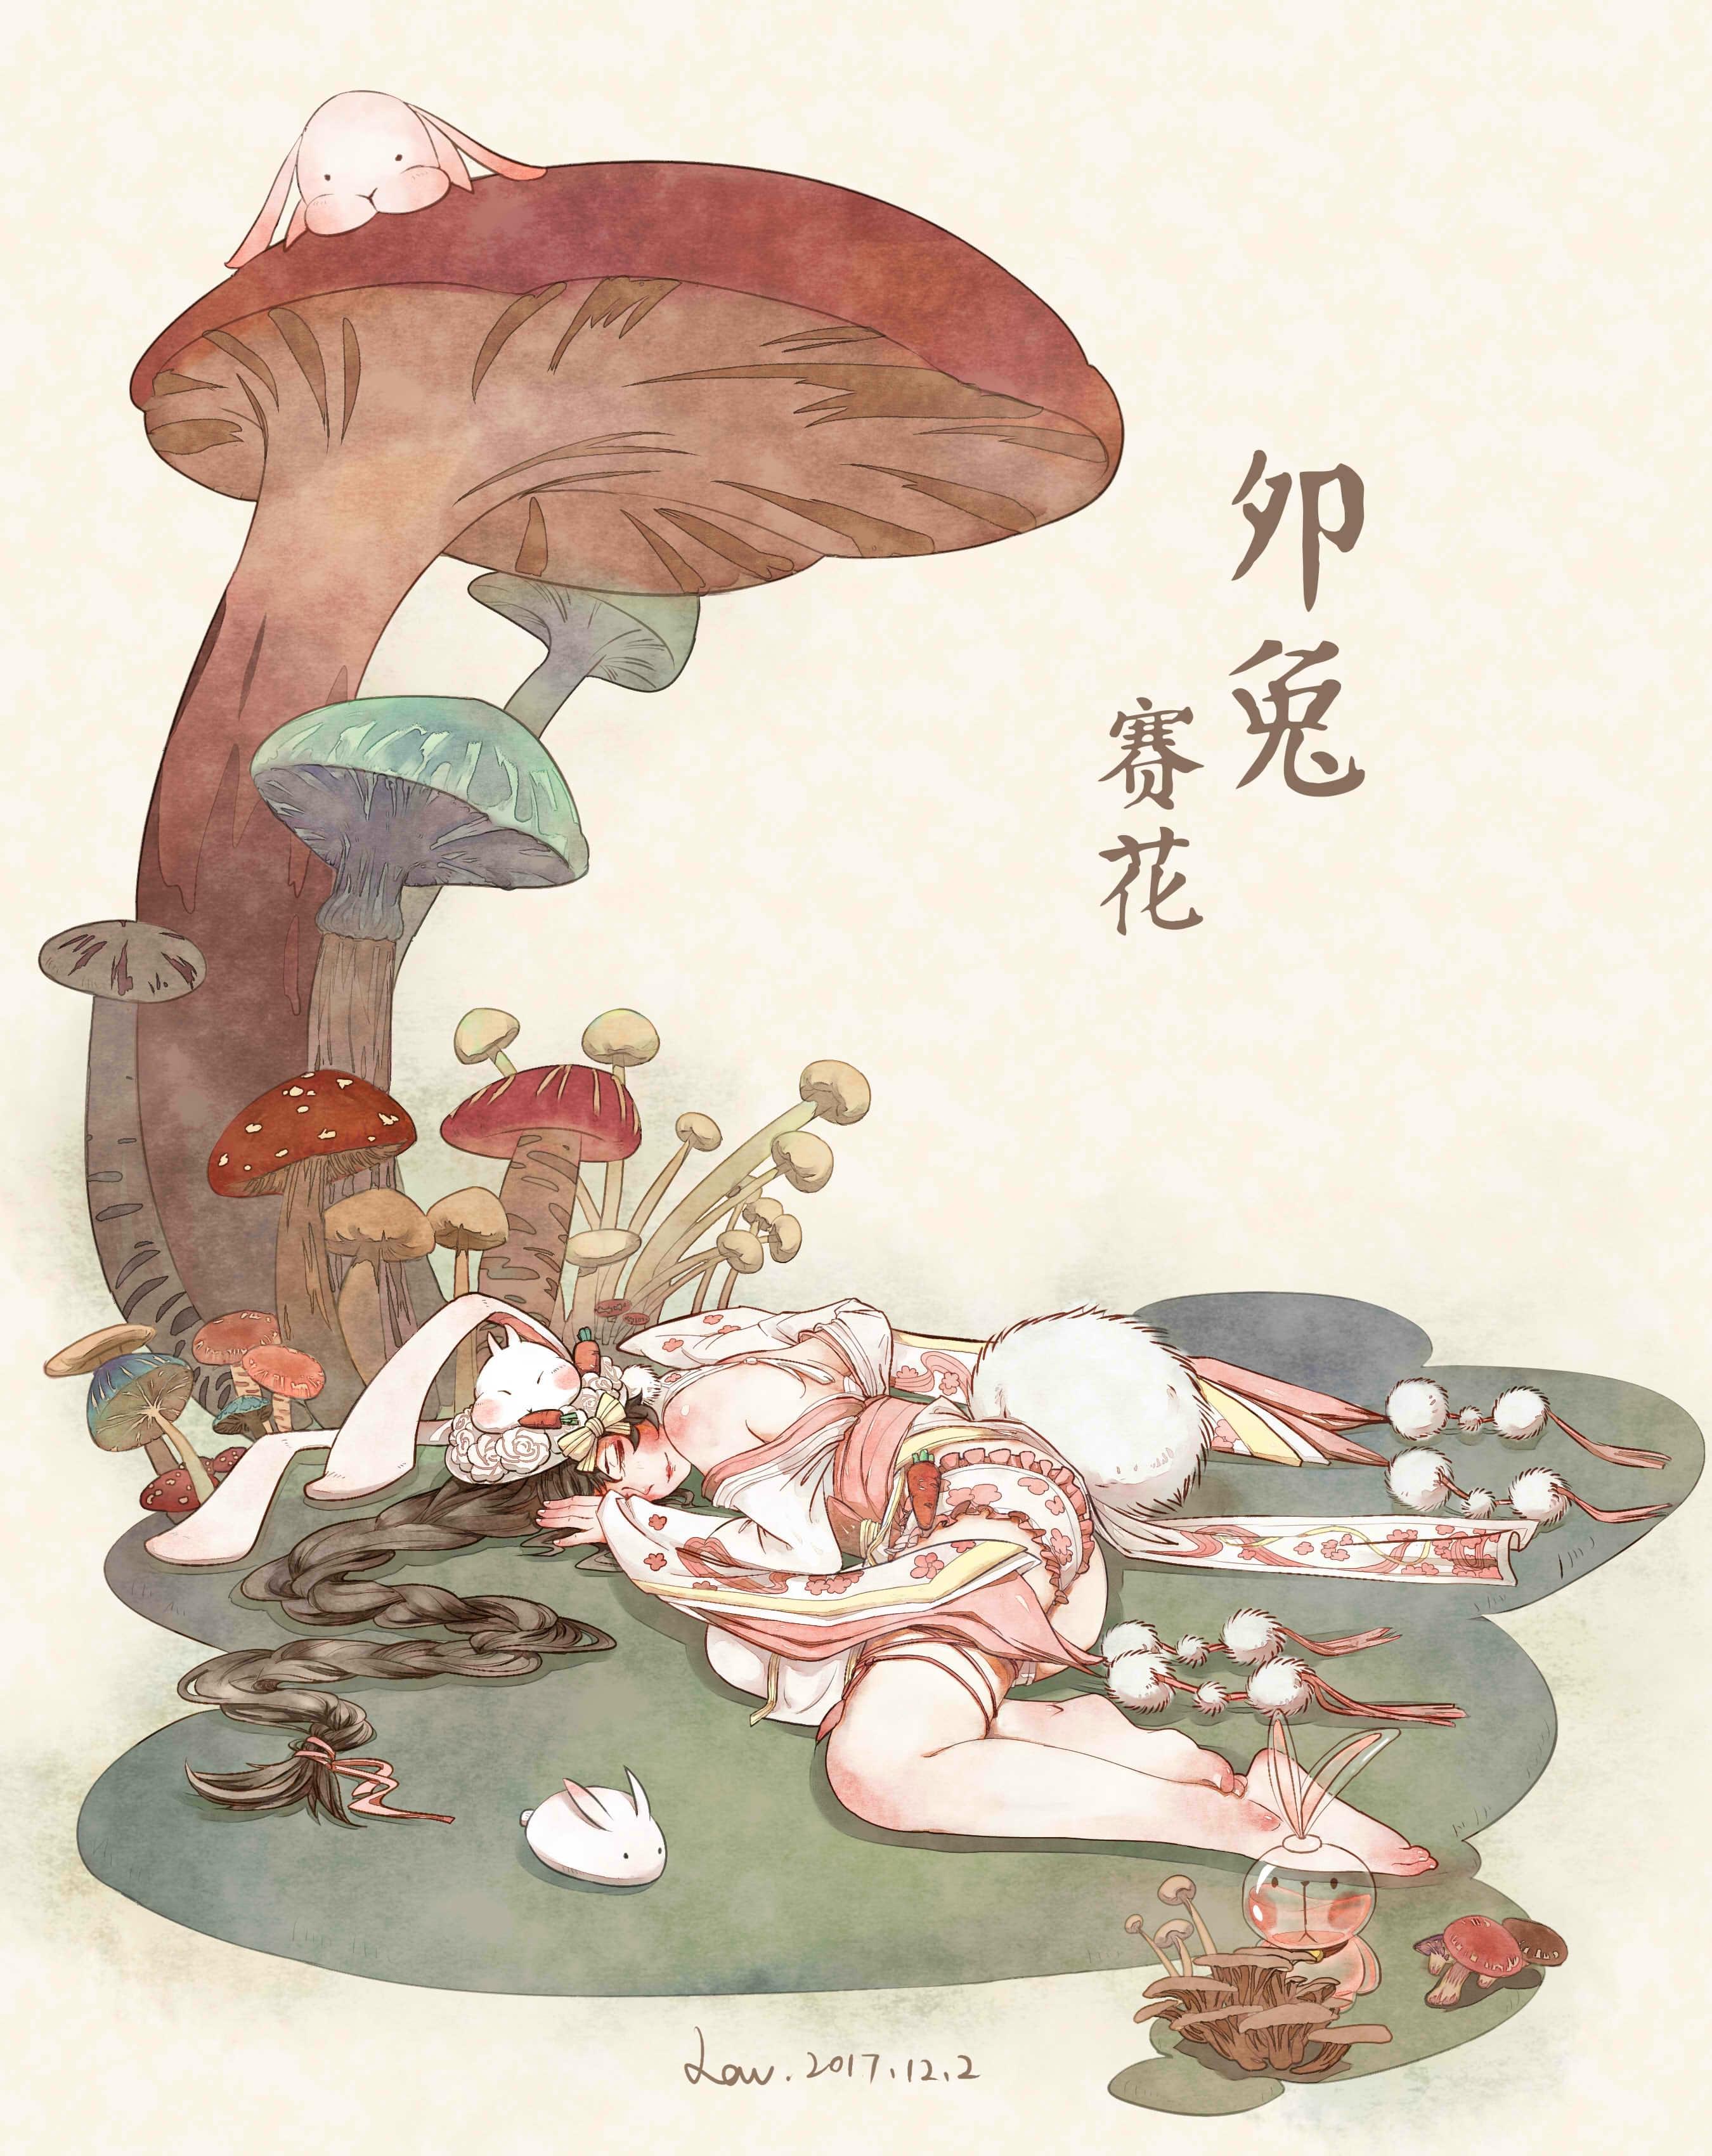 《天谕》十二神殿之卯兔赛花精美同人手绘